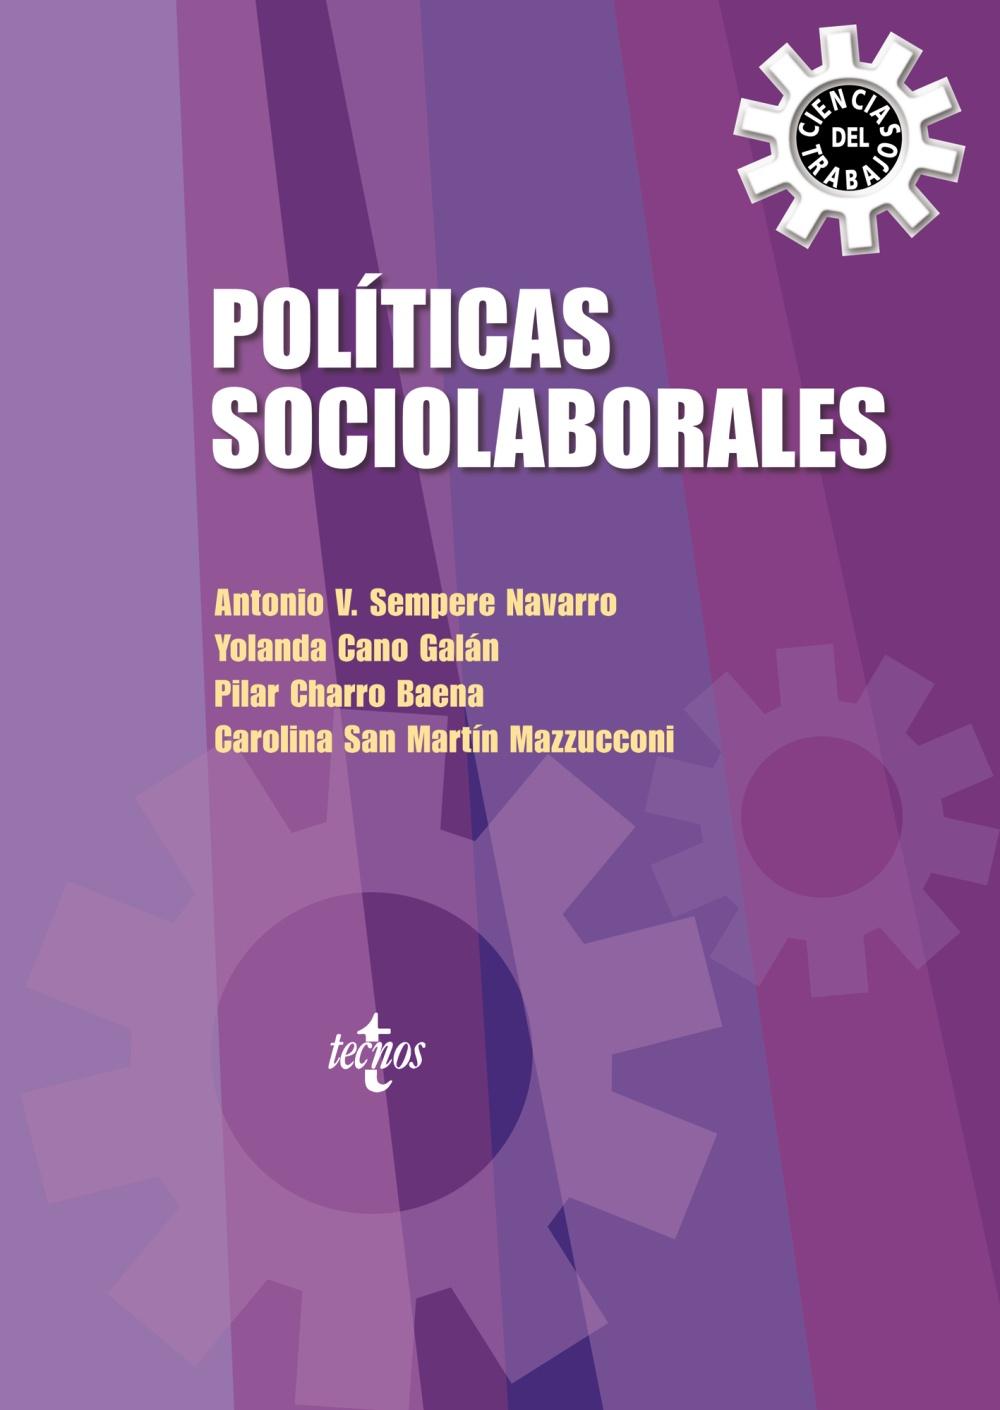 Politicas Sociolaborales por Antonio Sempere Navarro epub